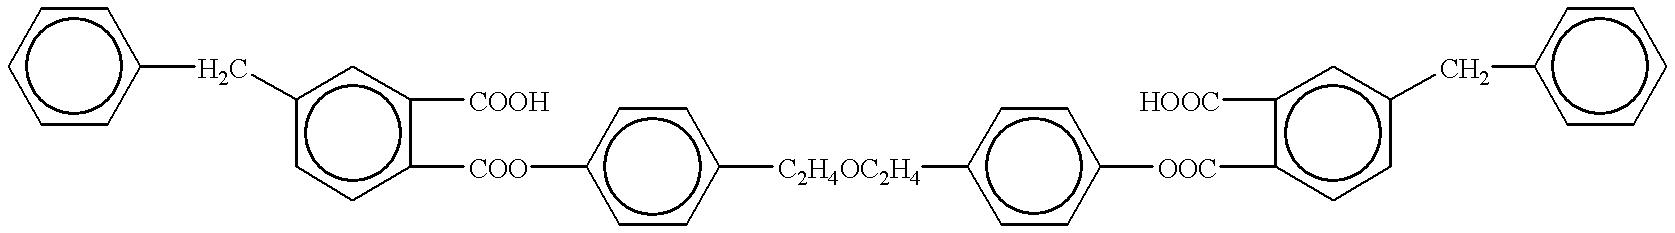 Figure US06180560-20010130-C00326